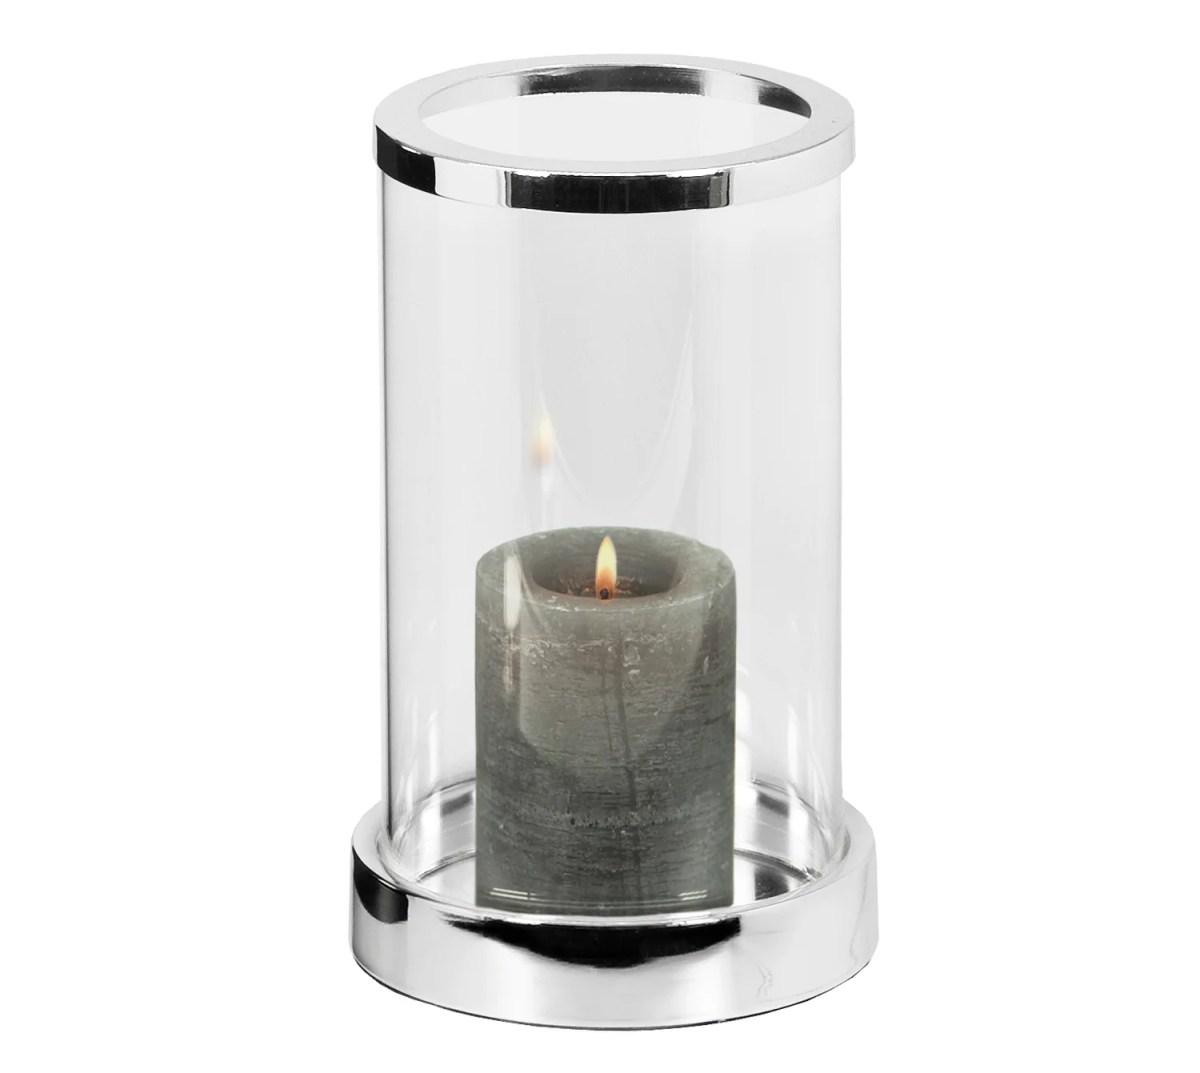 2840 Windlicht Sanremo, edel versilbert, anlaufgeschützt, Höhe 20 cm, Durchmesser 12,5 cm